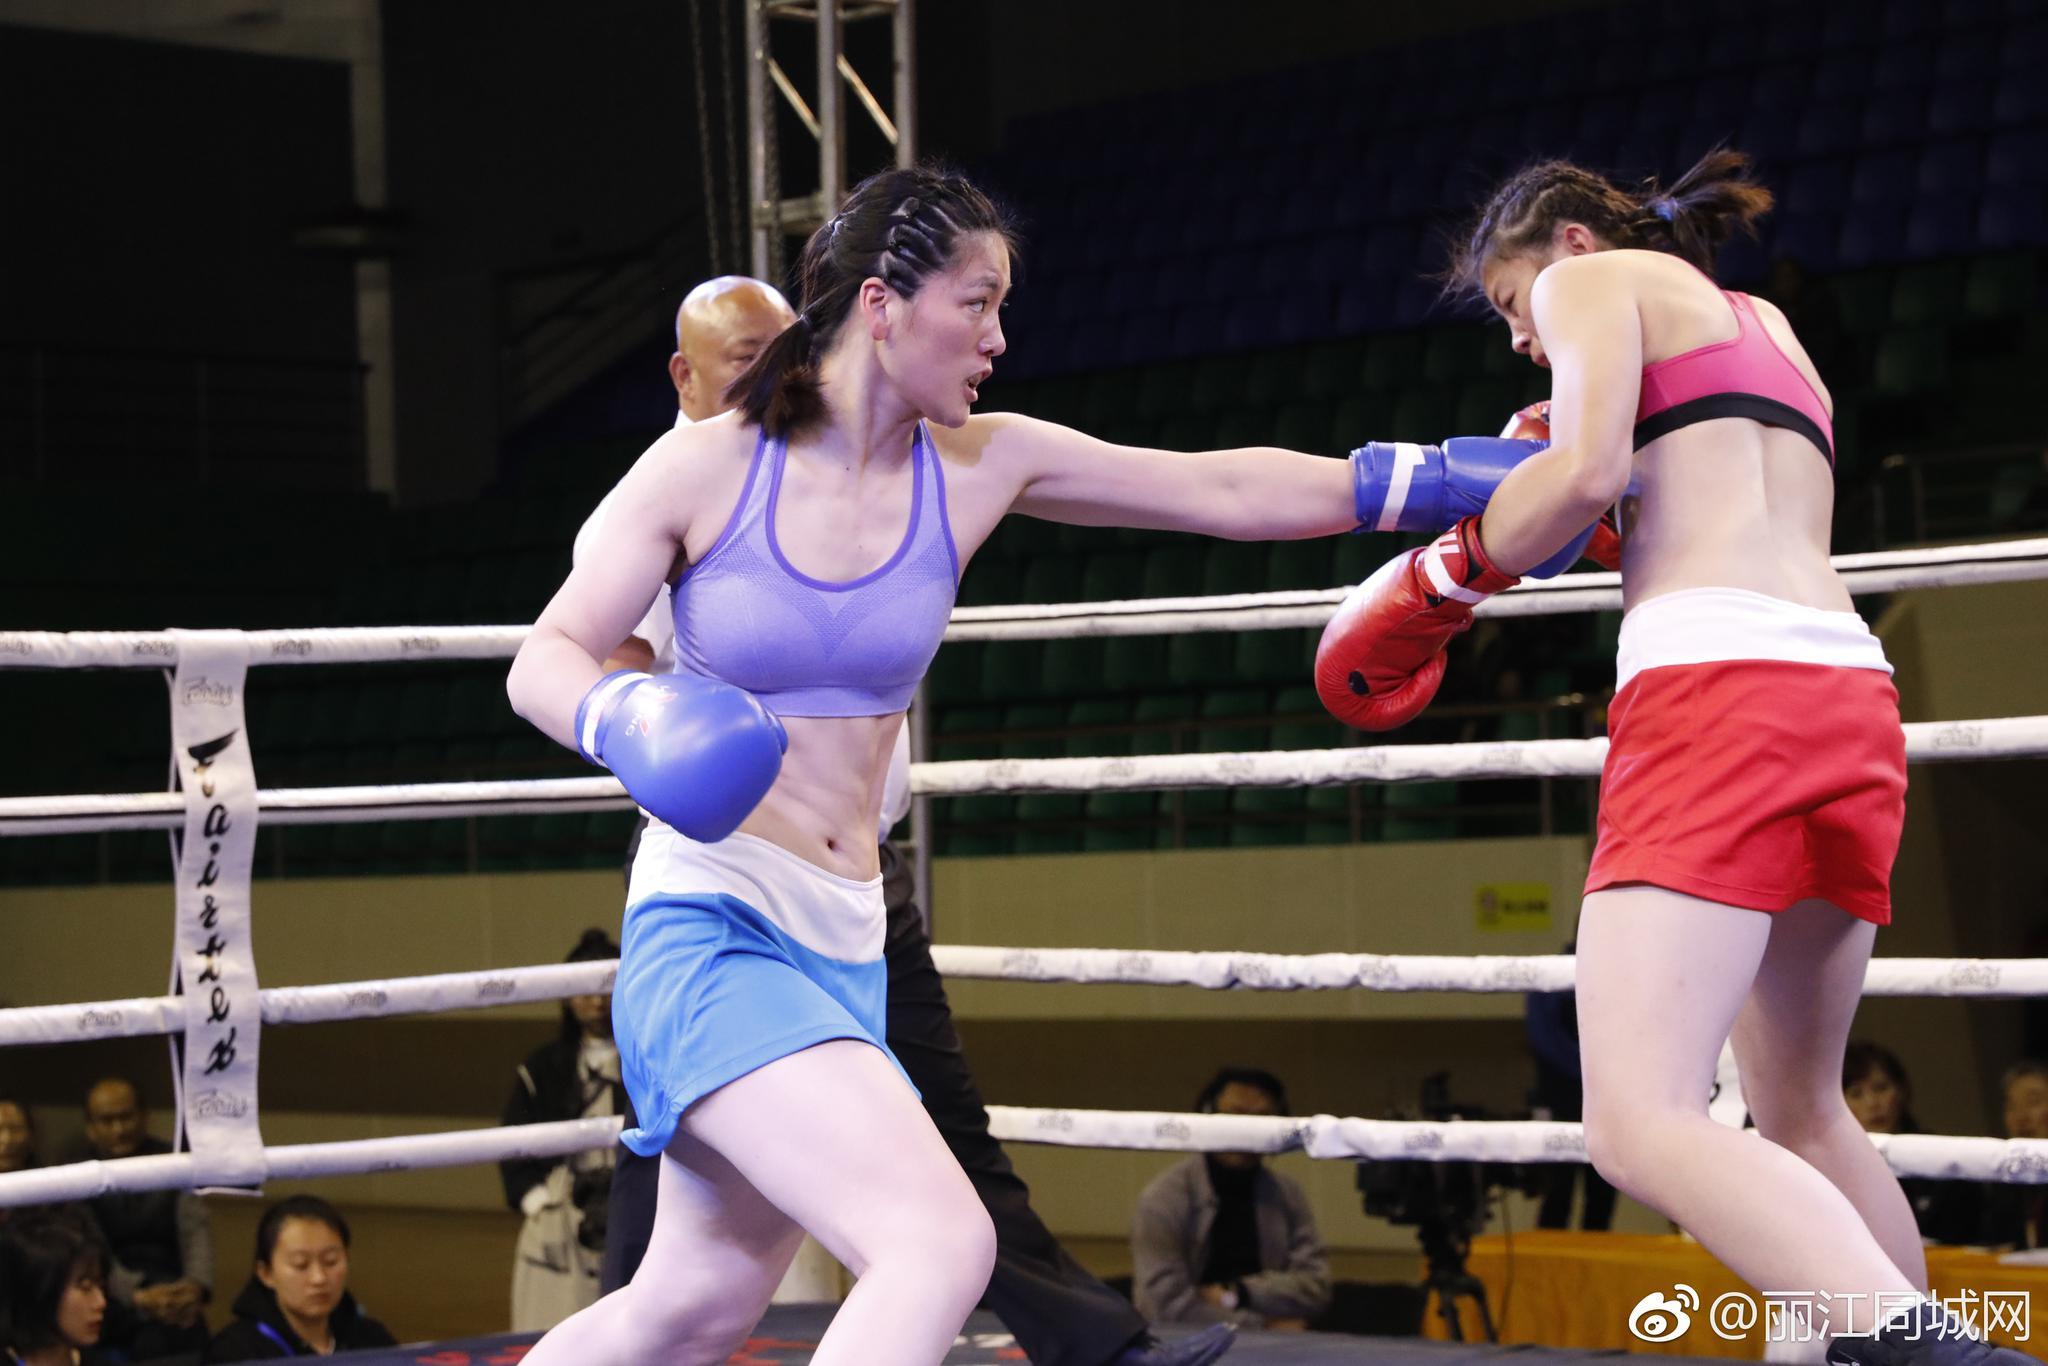 女子被男子kojiao_第二届丽江女子拳击邀请赛收官 纳西姑娘一回合ko对手